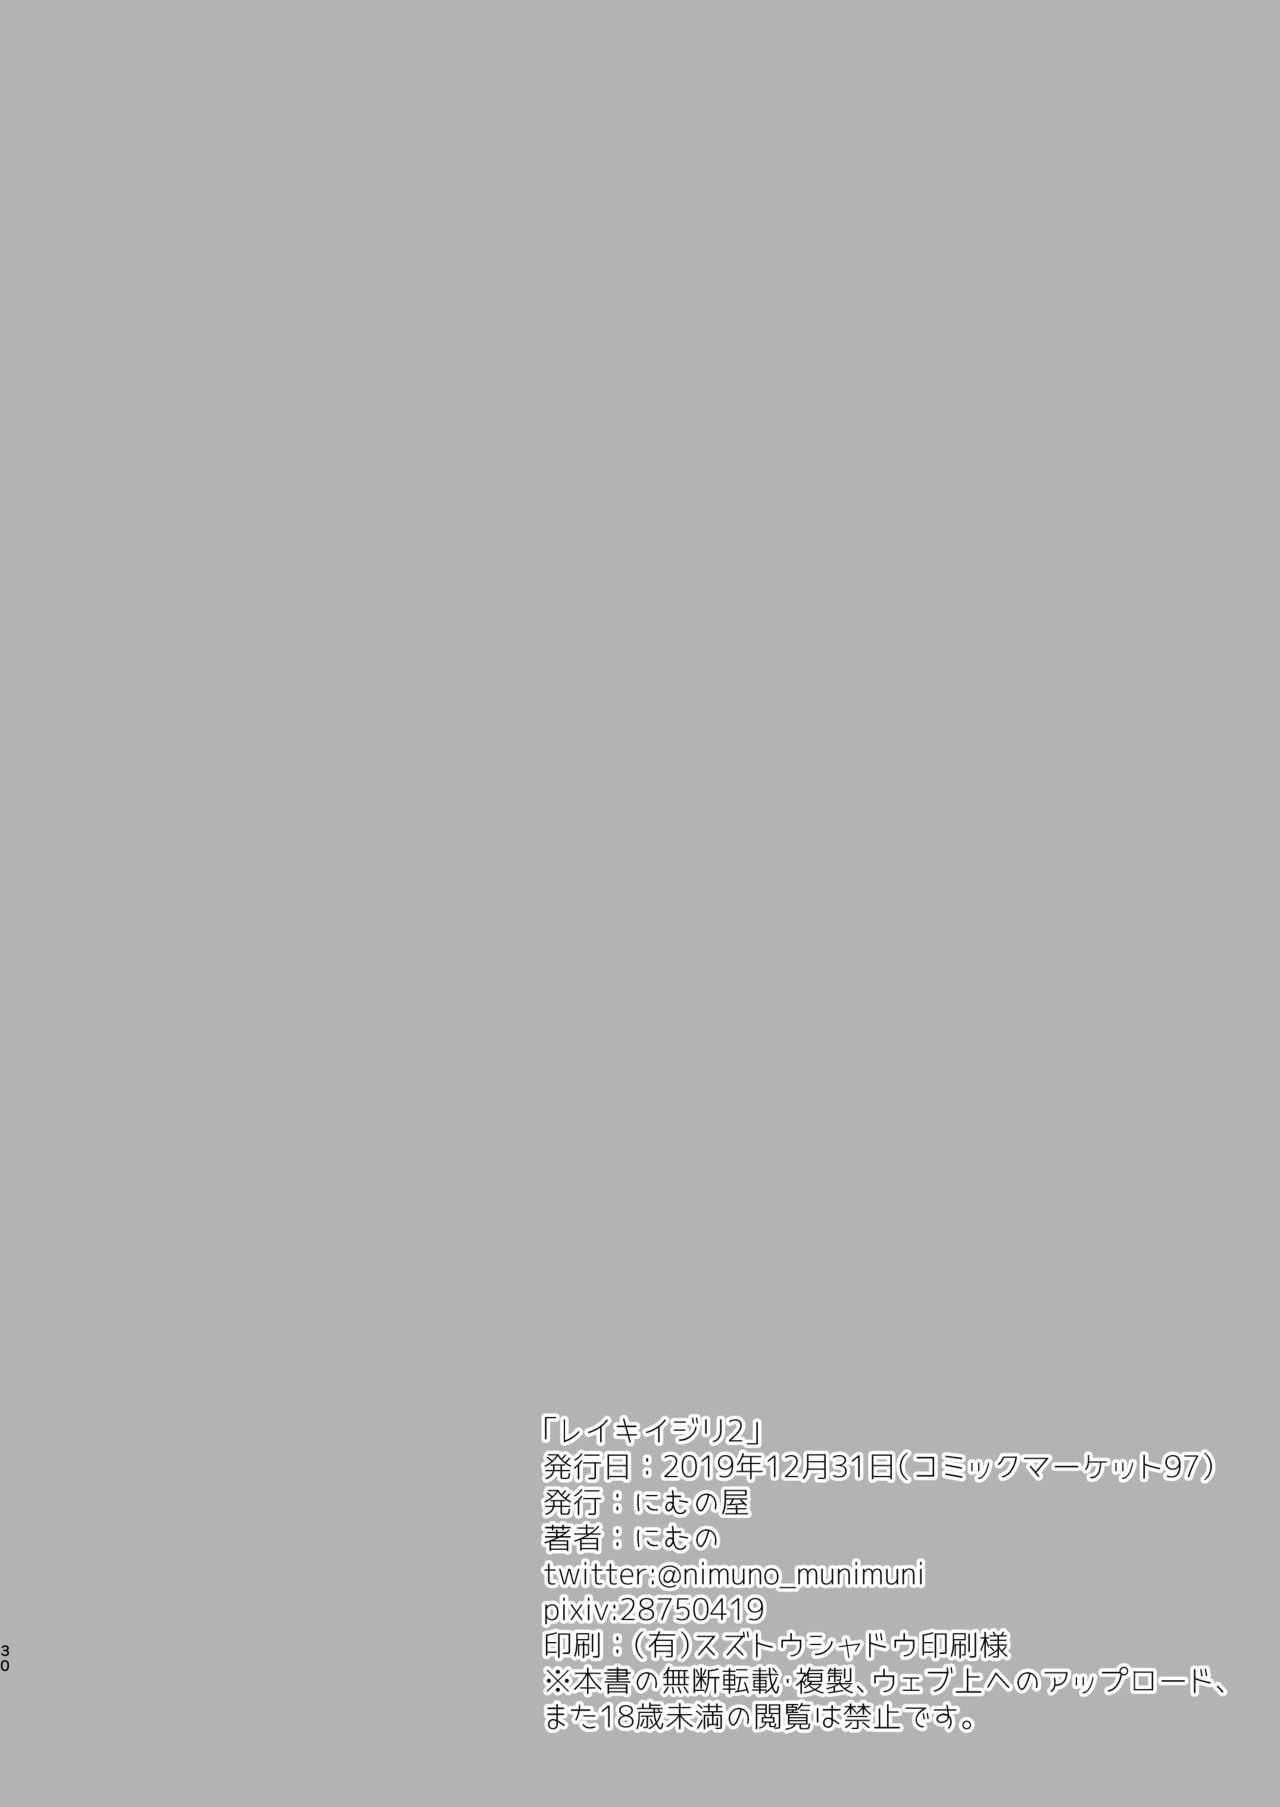 Reiki Ijiri 2 27